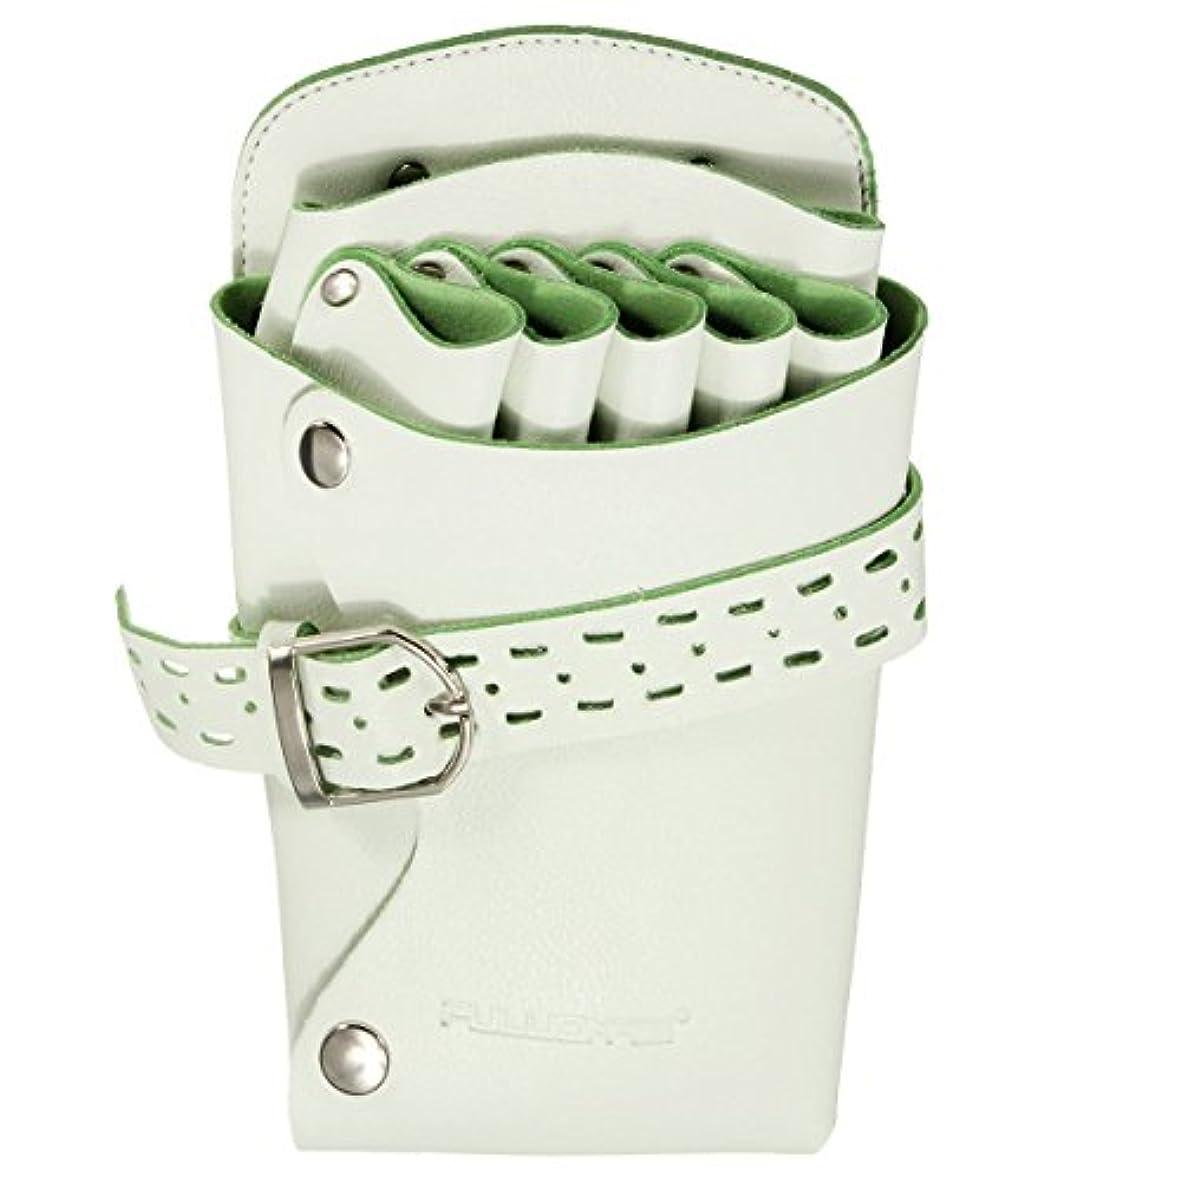 生息地刈り取る問題シザーケースシザーバッグ ハサミ収納 美容師 サロン トリマー 用 2色 淡い緑色